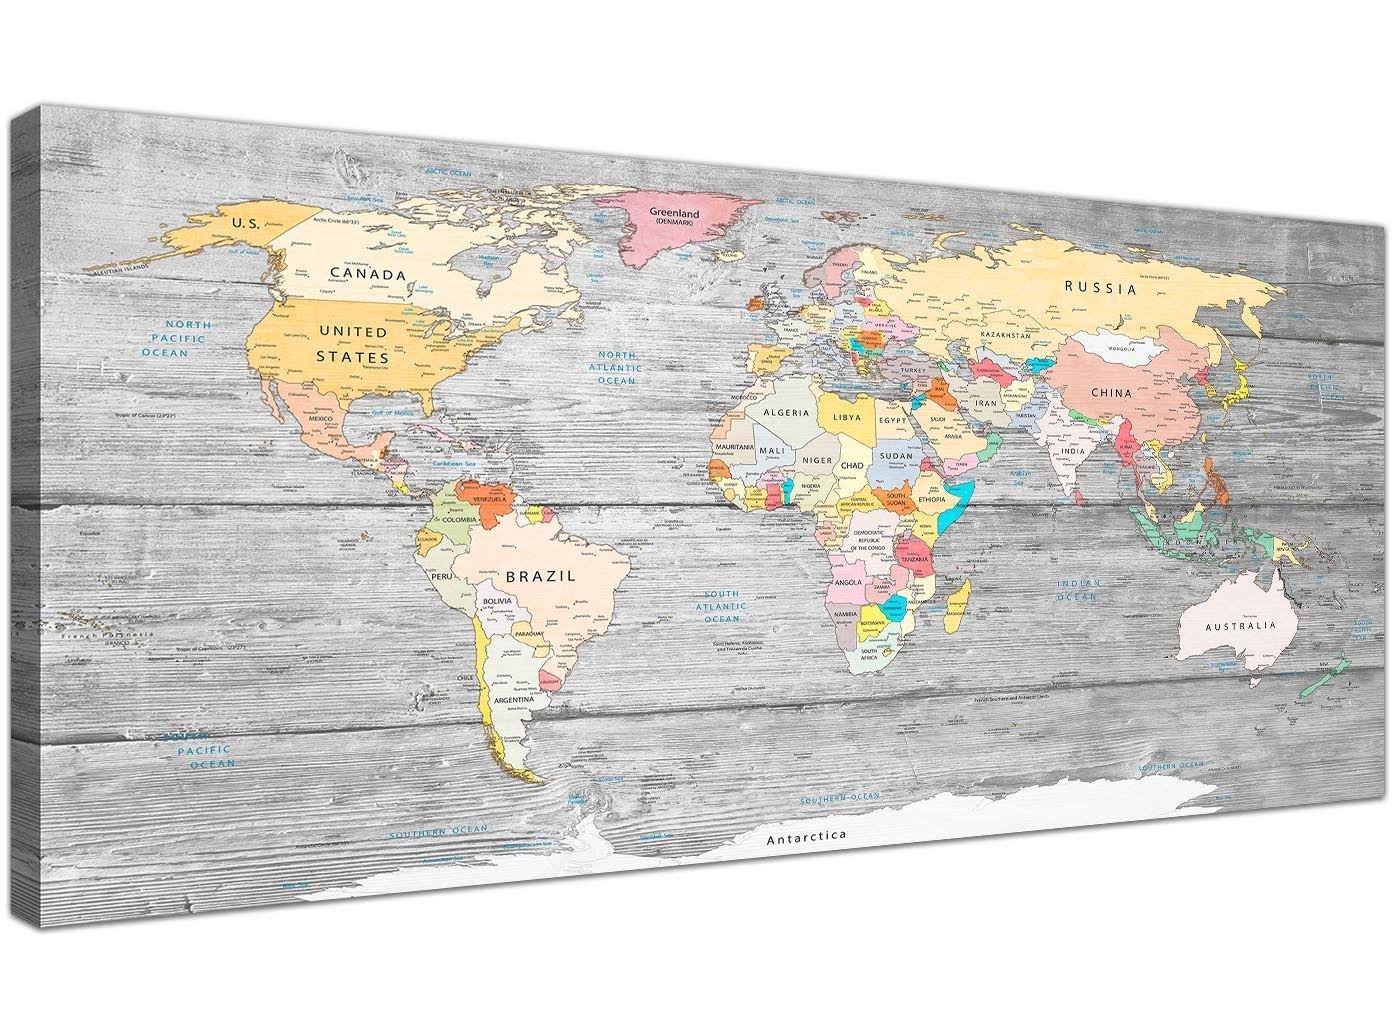 Cuadro mapamundi Wallfillers en lienzo, con fondo gris claro, de 120 cm de ancho: Amazon.es: Hogar